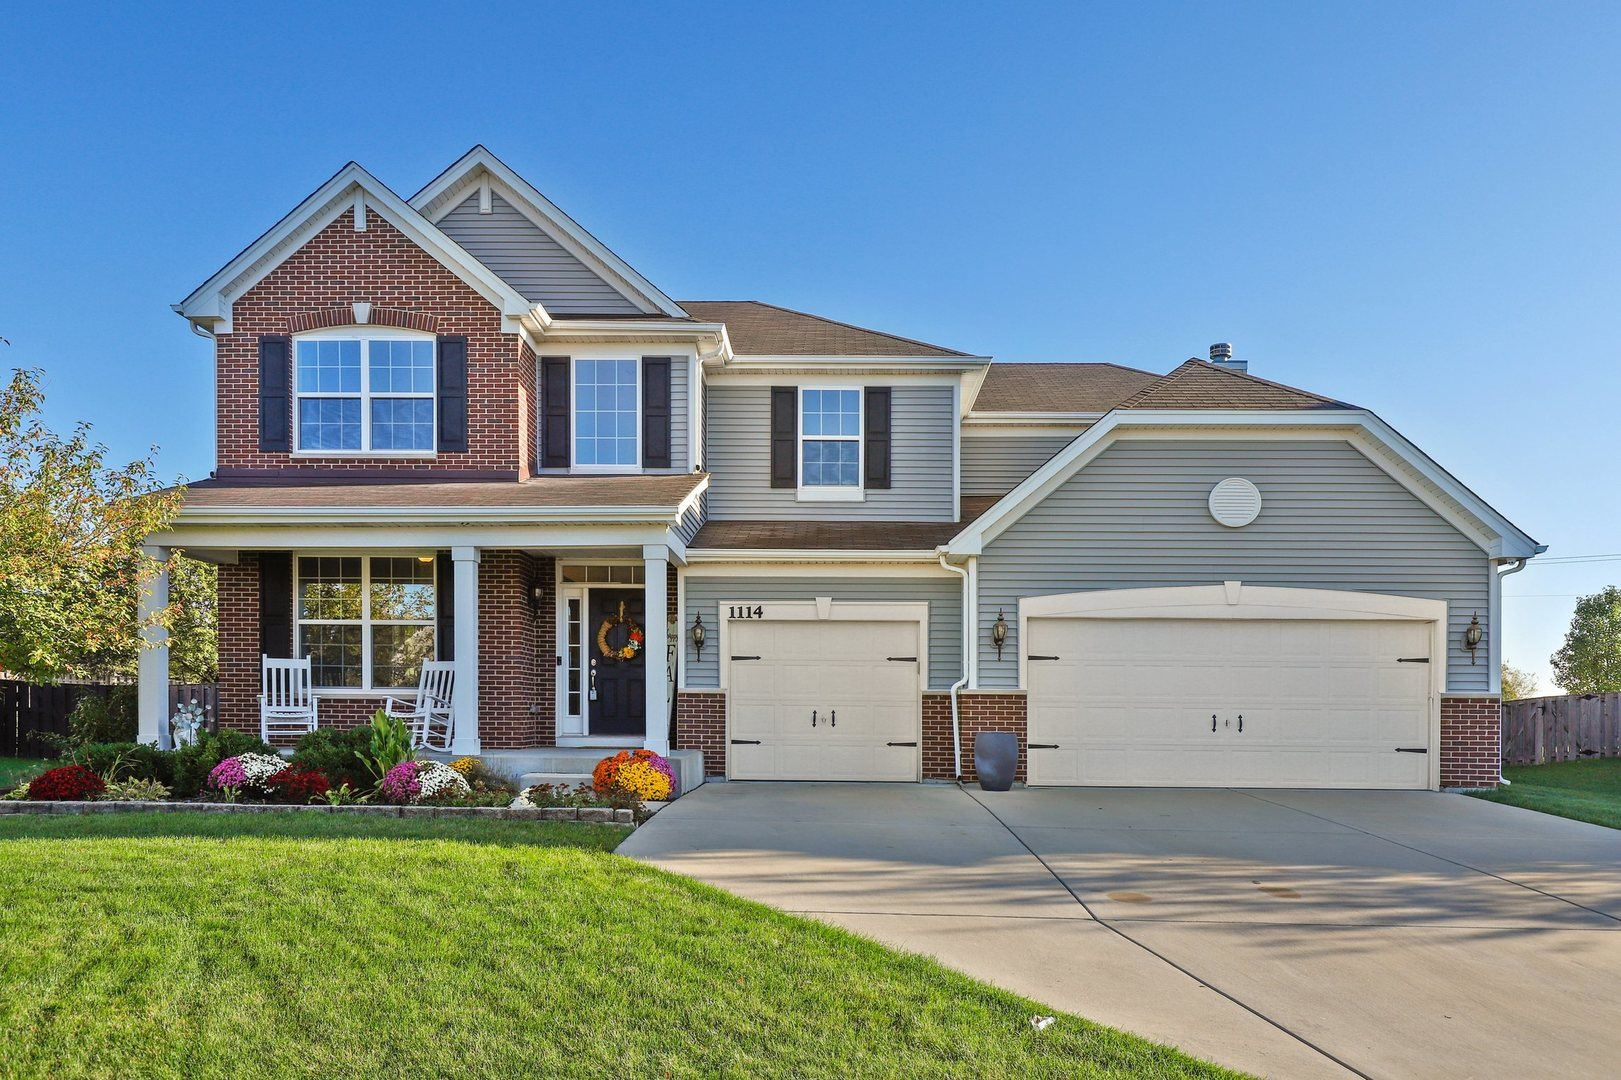 1114 Trillium Lane, Shorewood, IL 60404 - #: 11245425